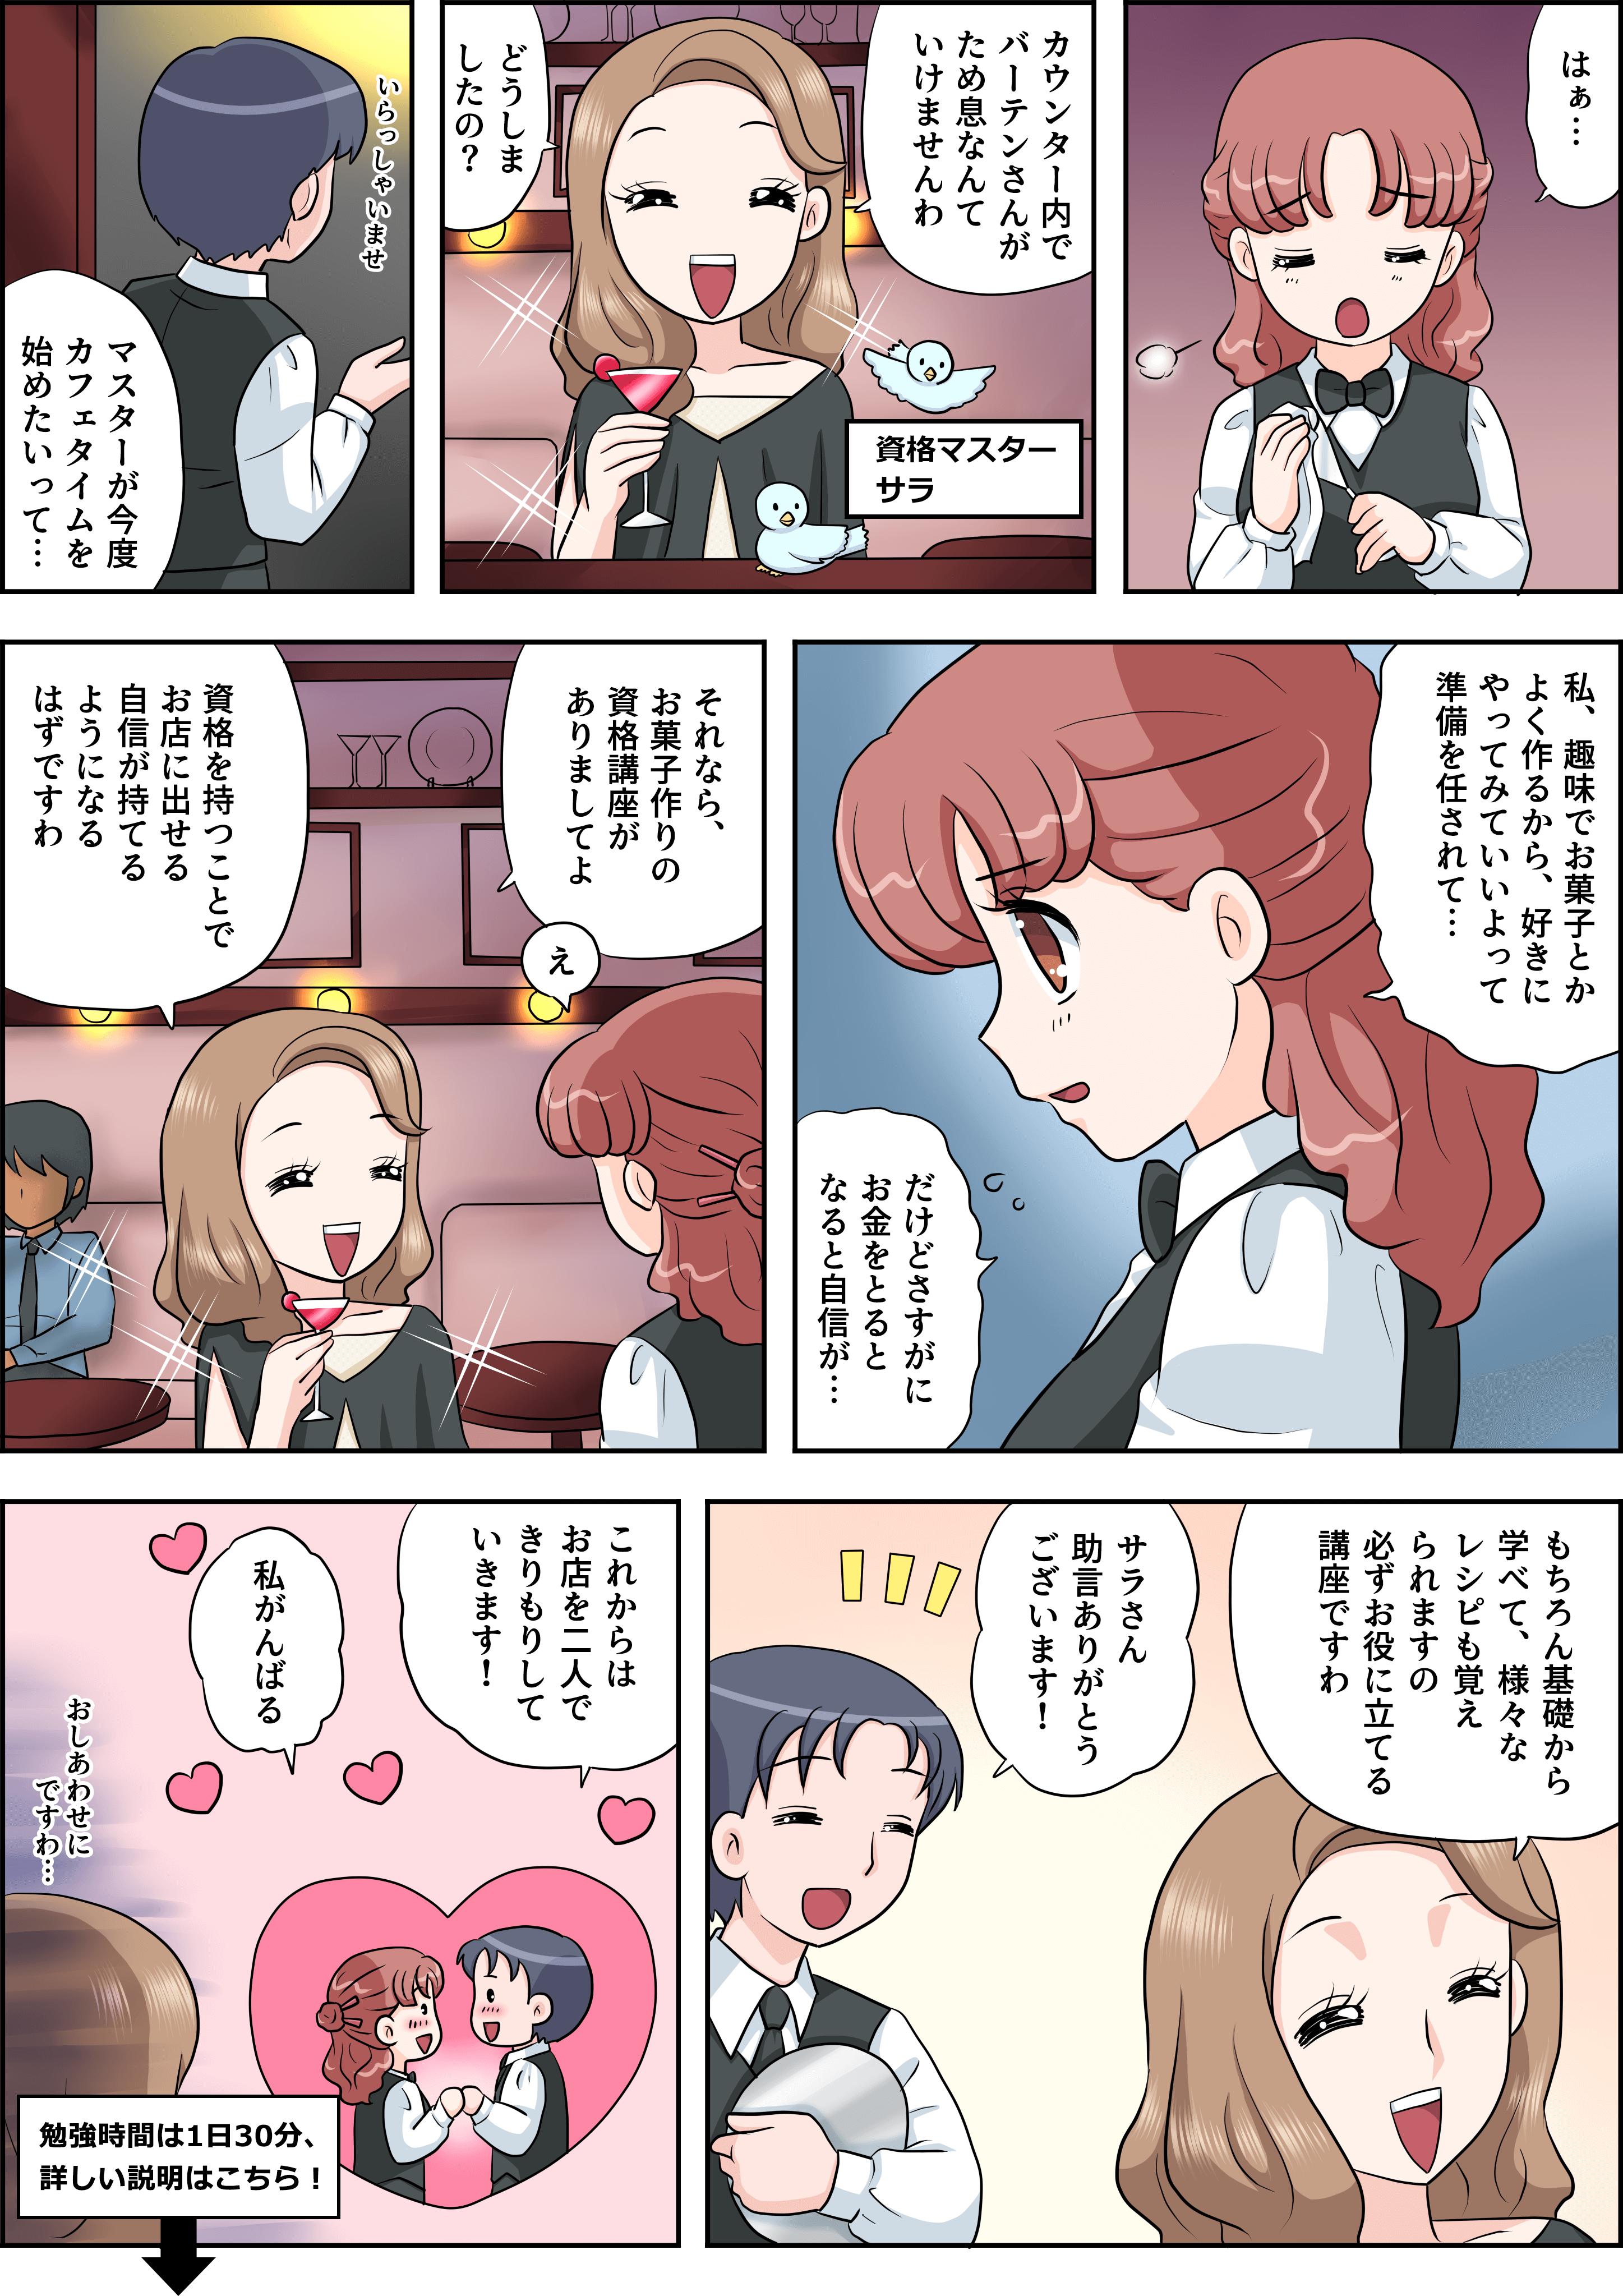 お菓子作りの漫画